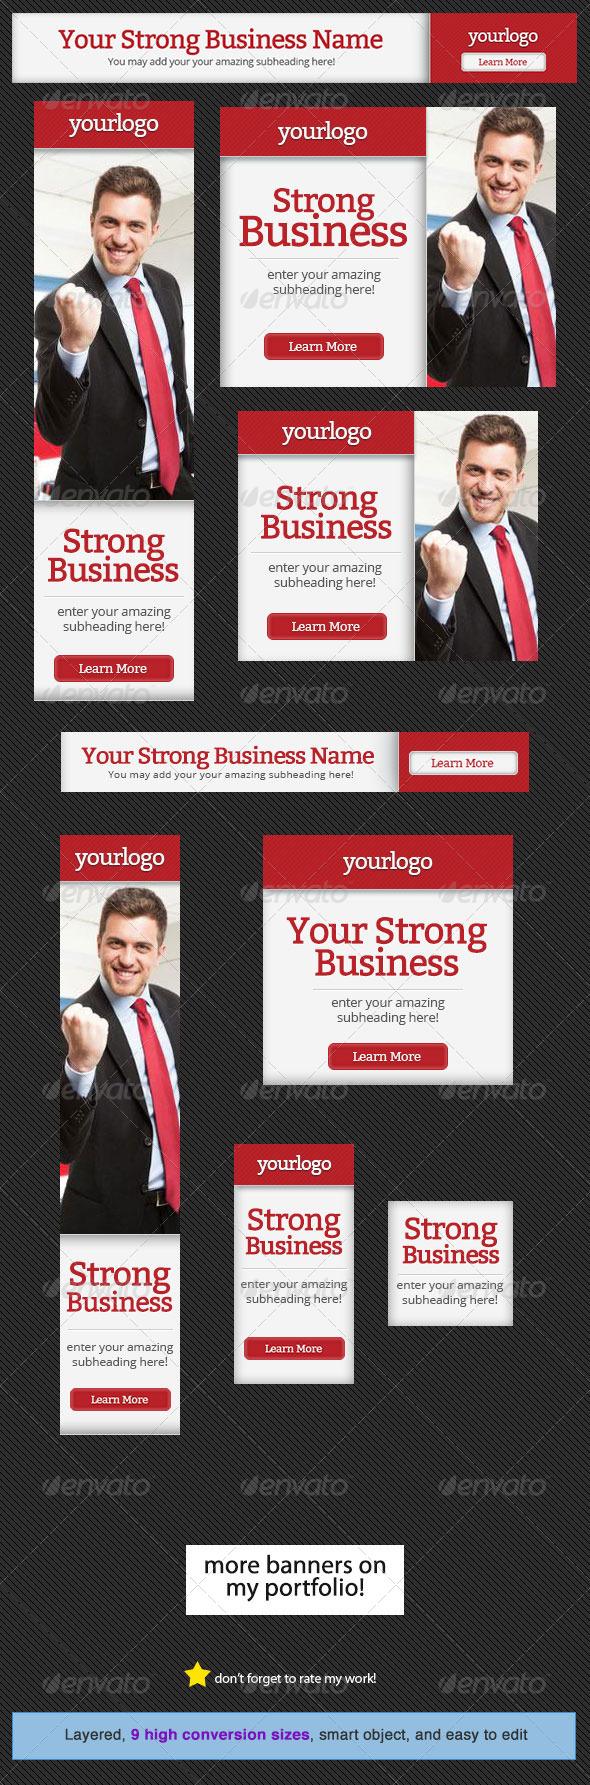 GraphicRiver Corporate Web Banner Design Template 16 5210199